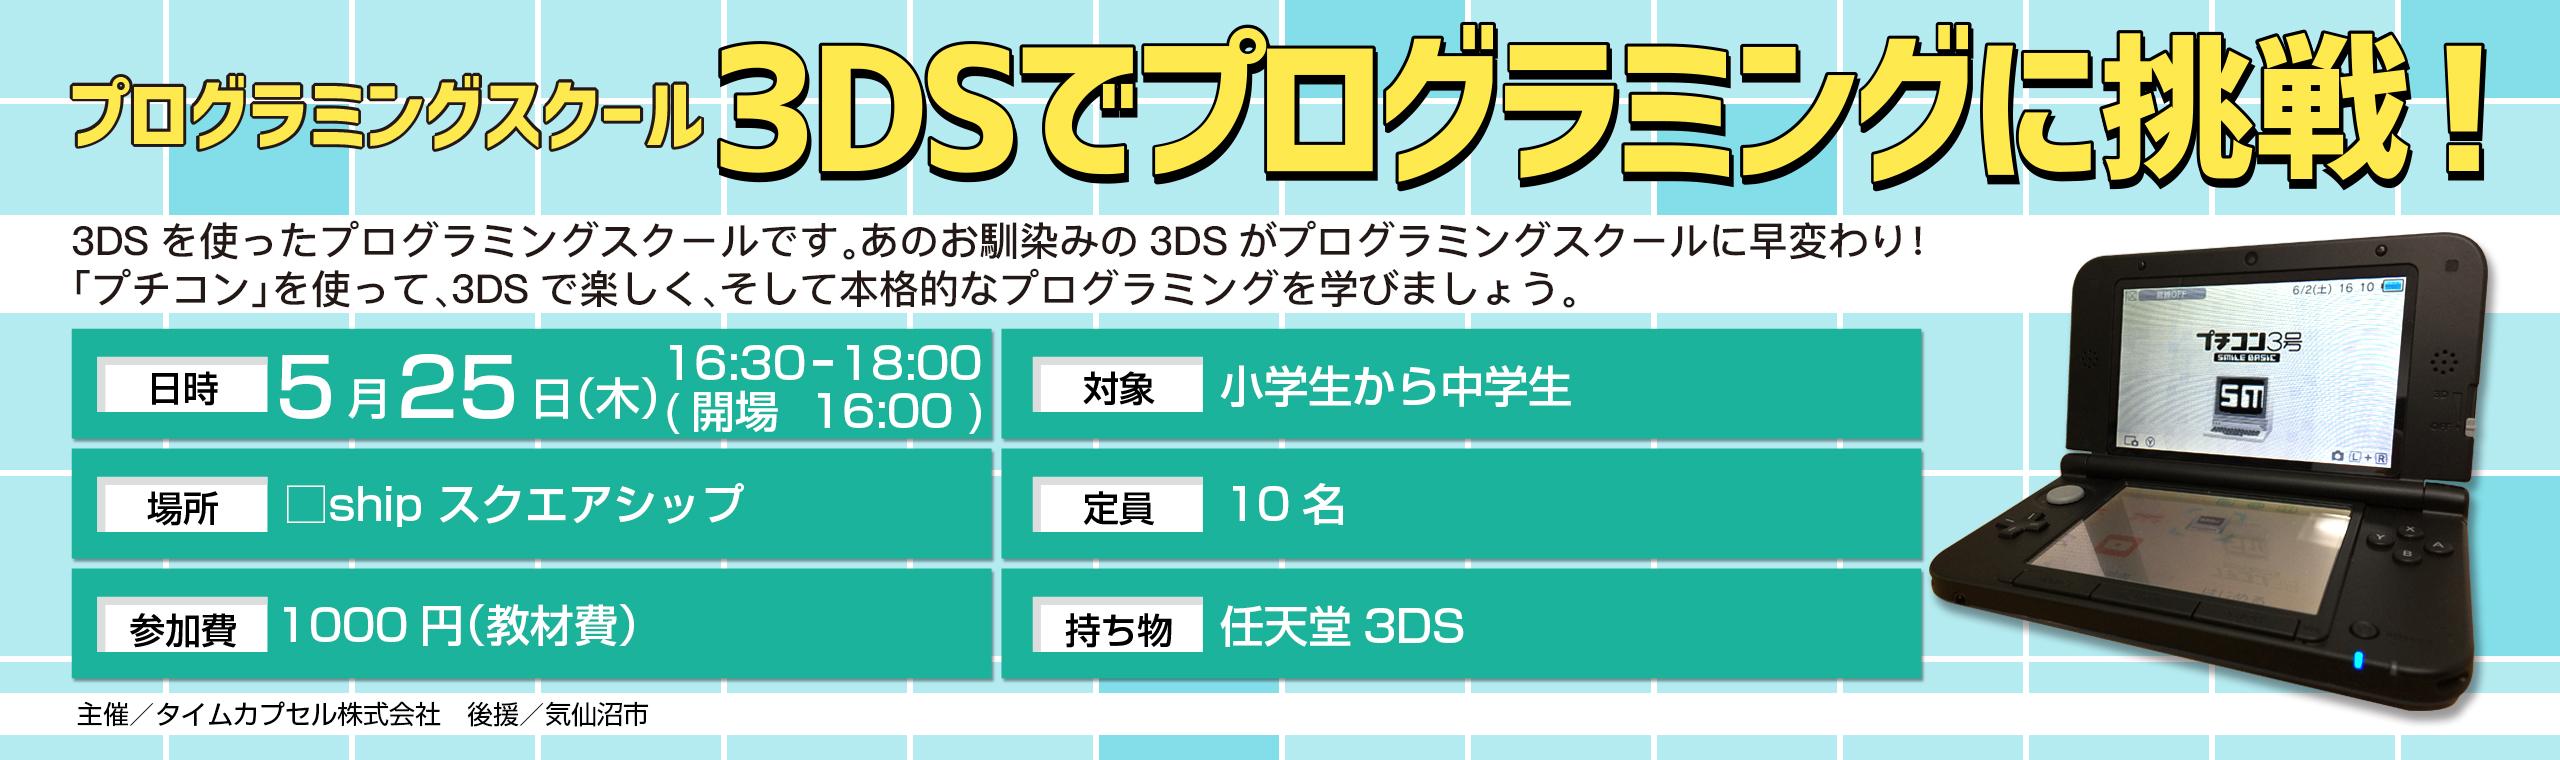 気仙沼市_3DSプログラミングスクール_バナー